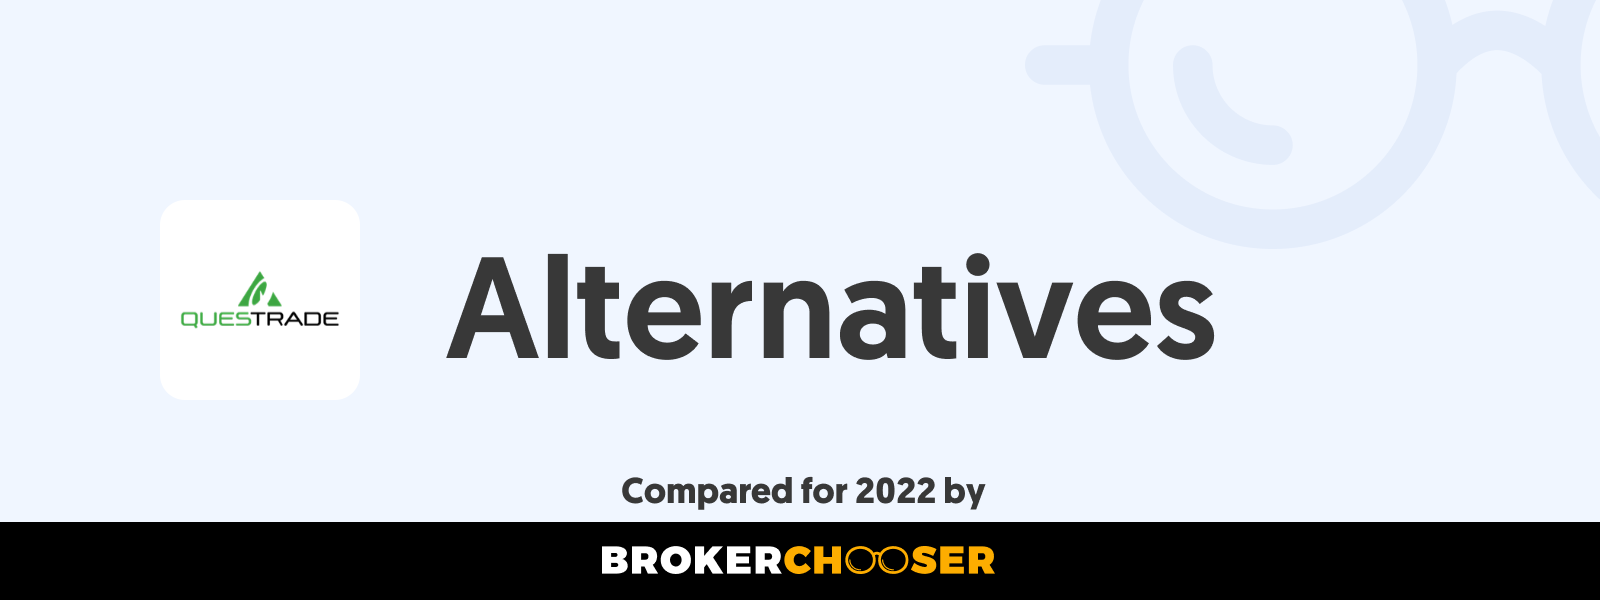 Questrade Alternatives